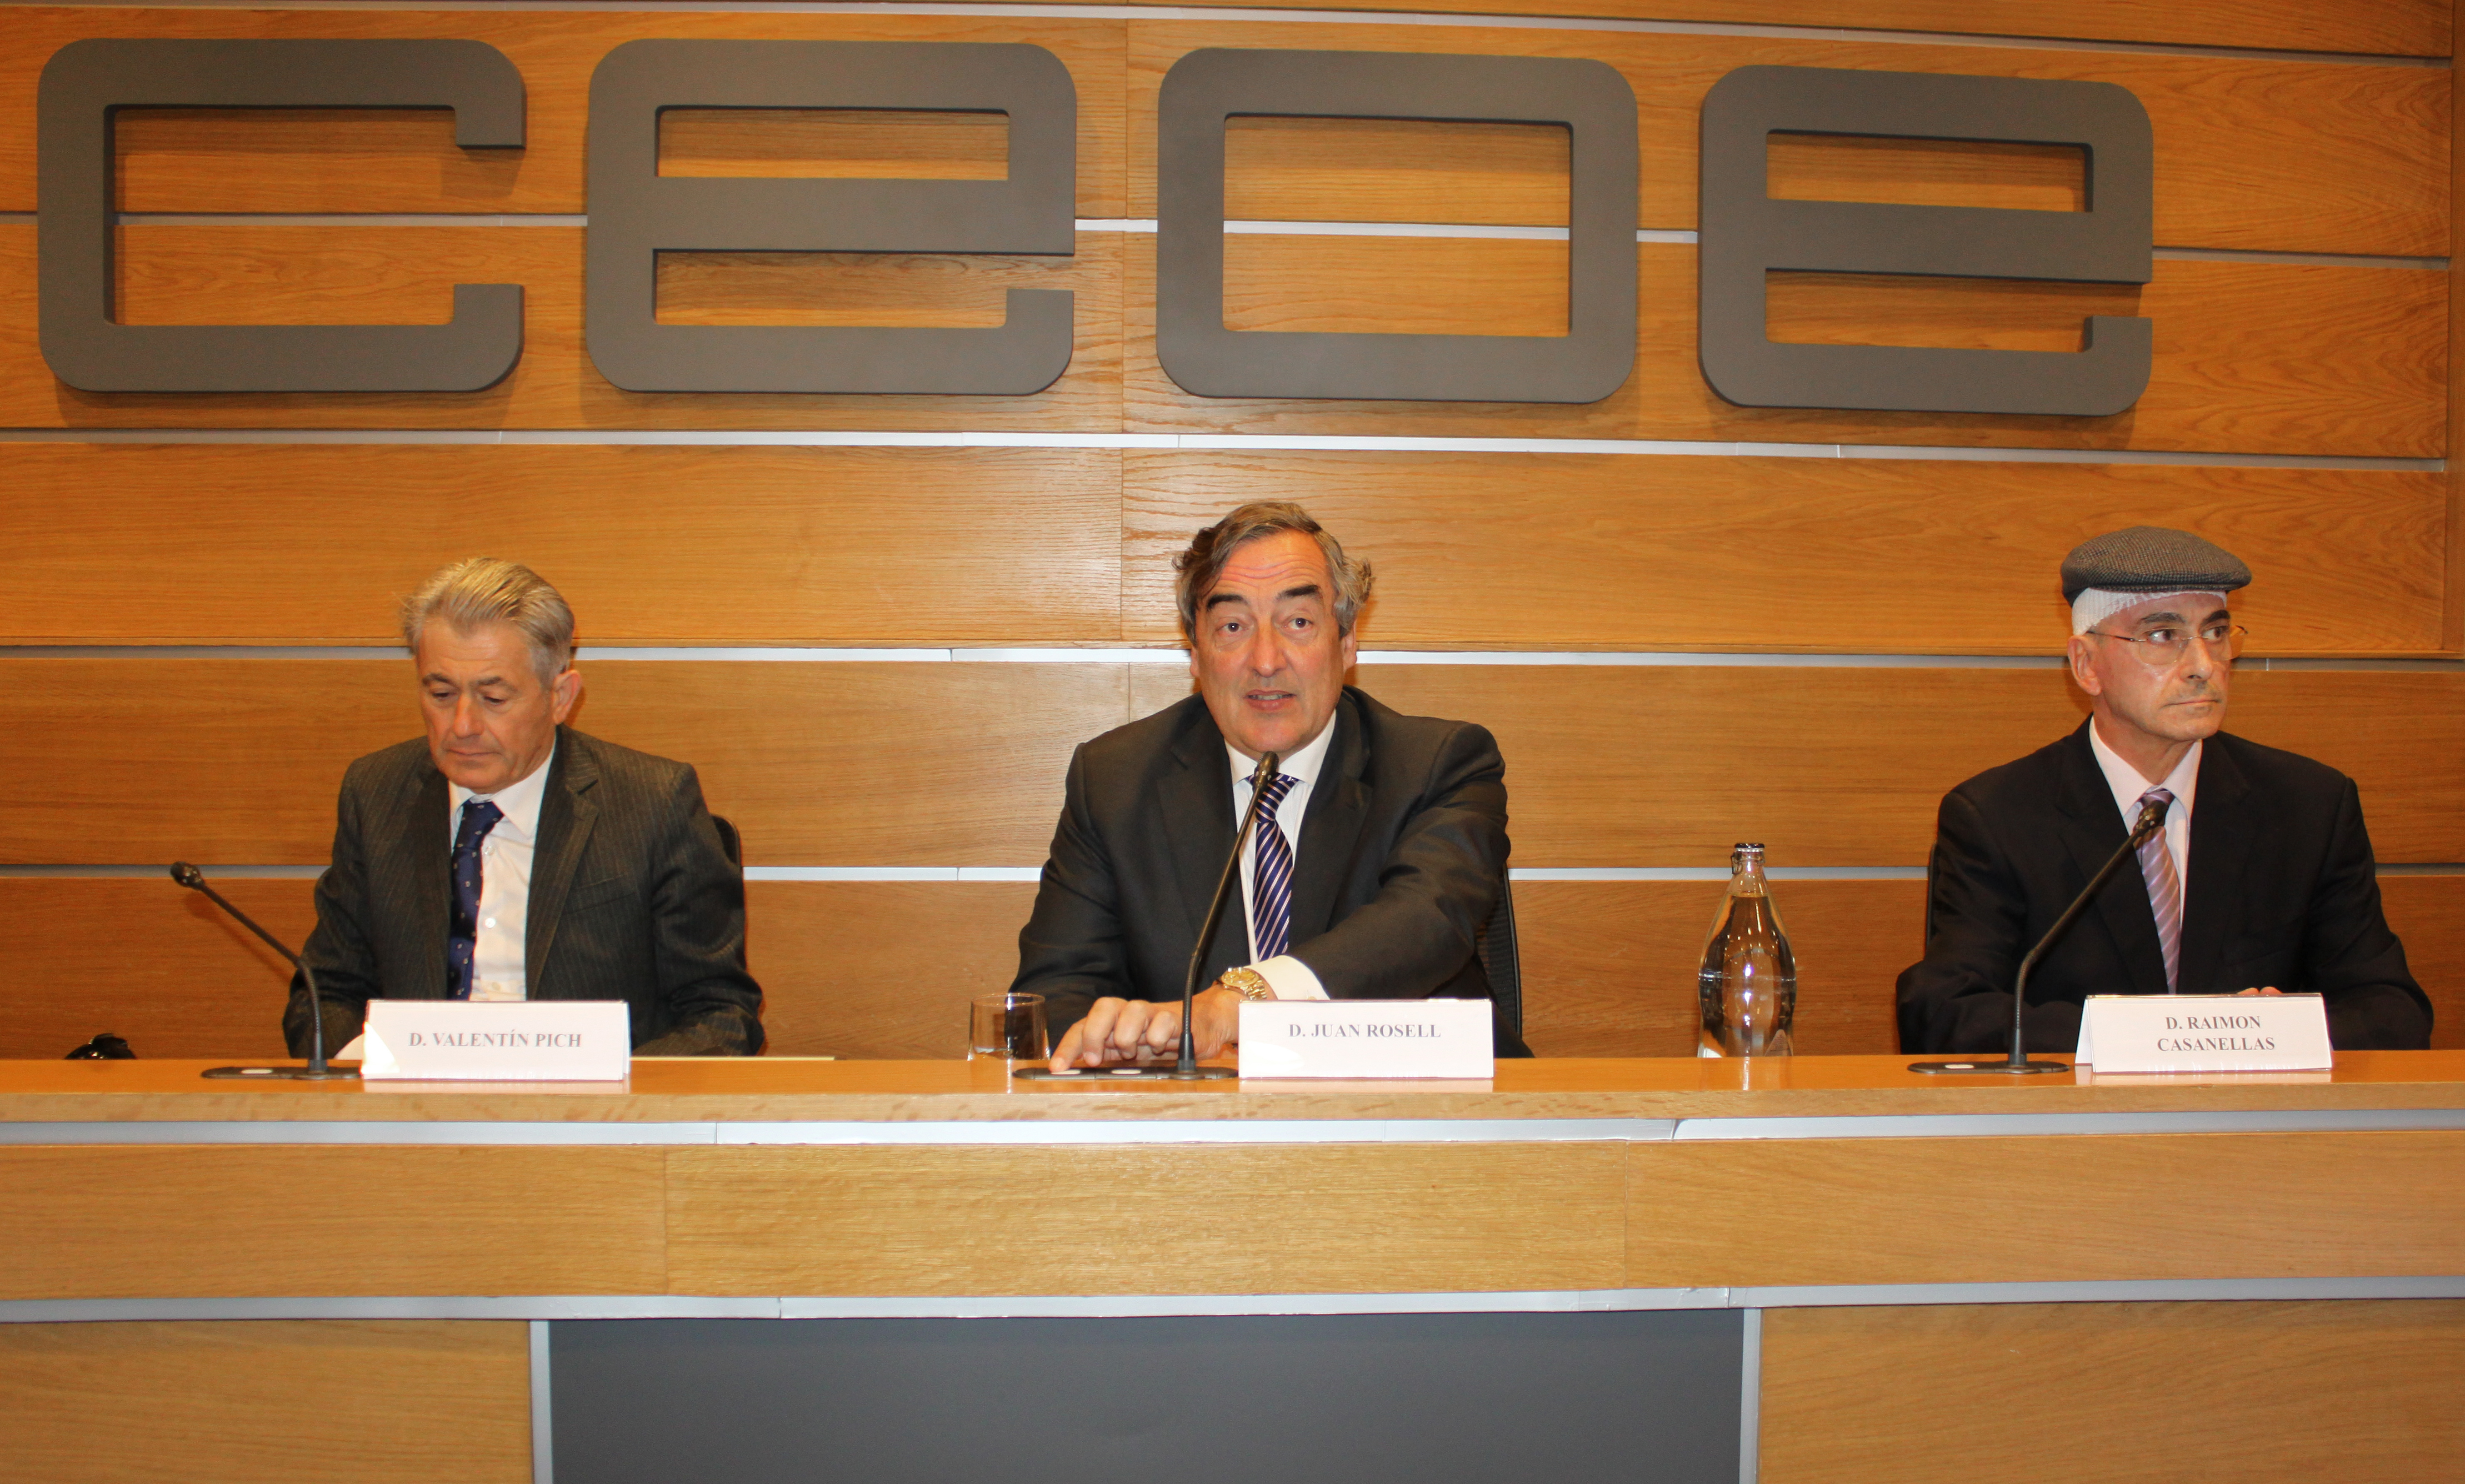 Foto CEOE y CGE. Insolvencia 04.04.17